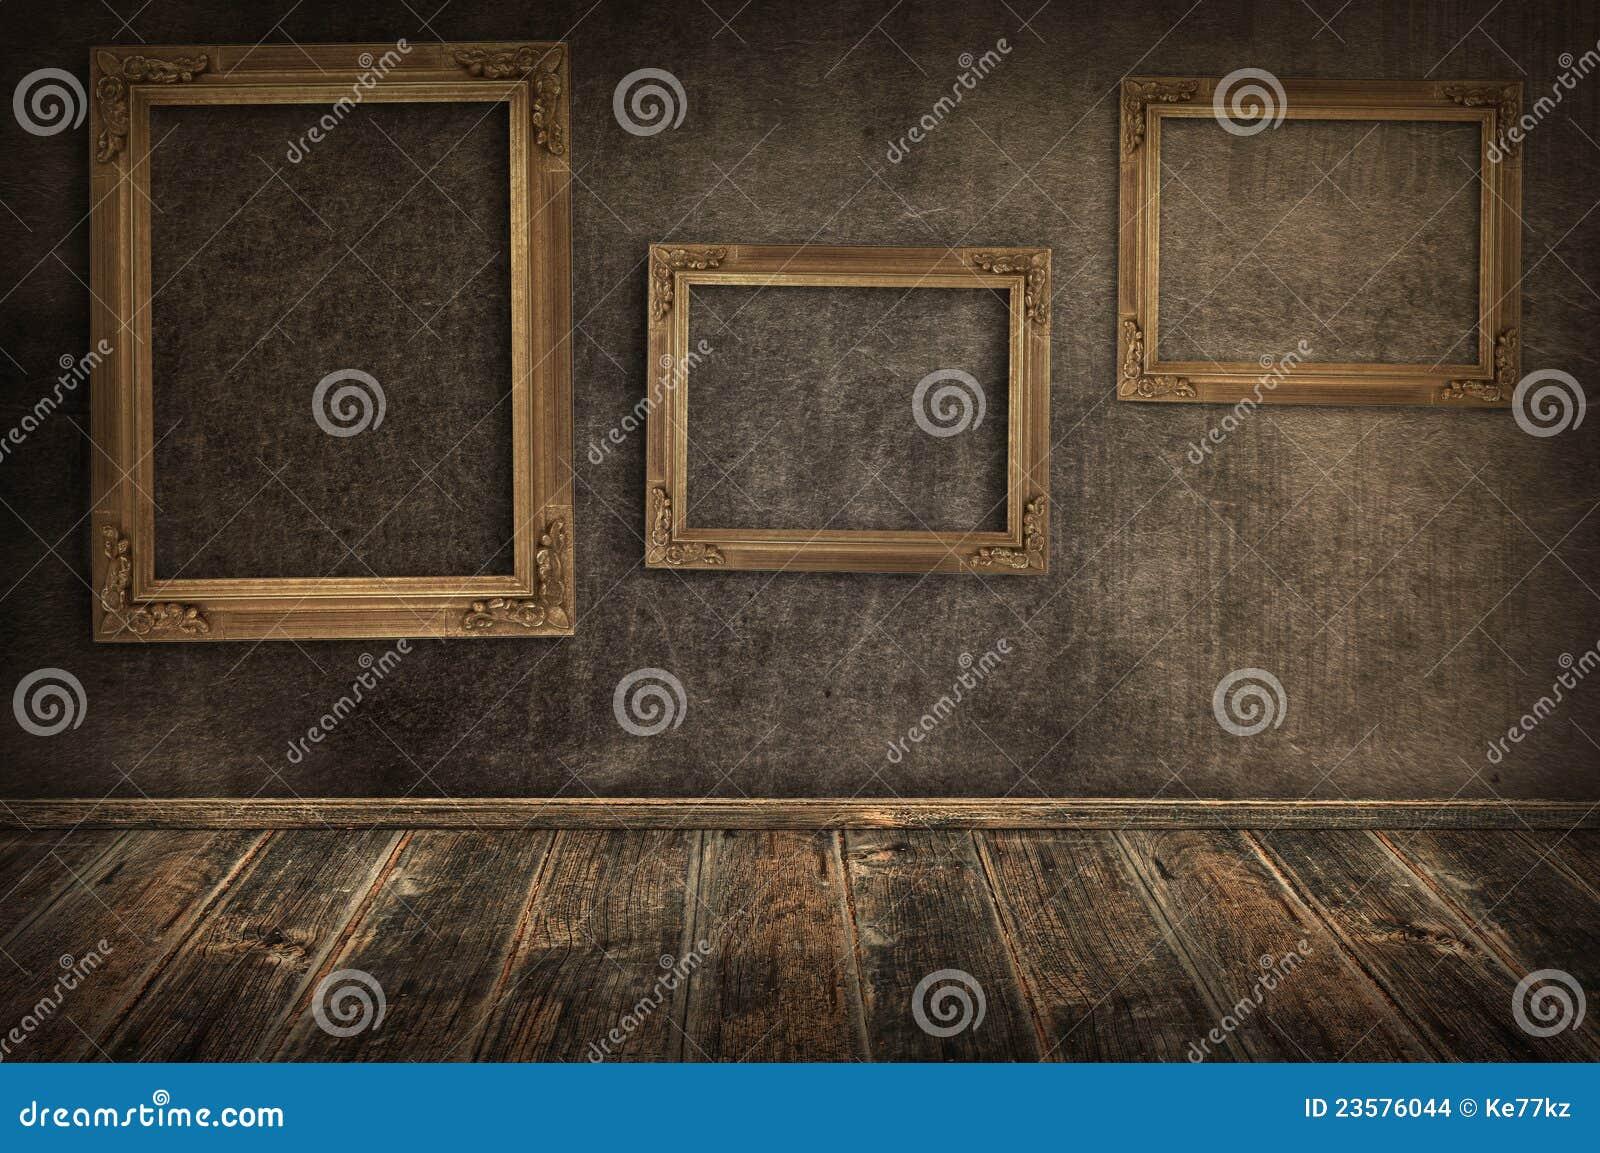 Trois trames de cru sur le mur.